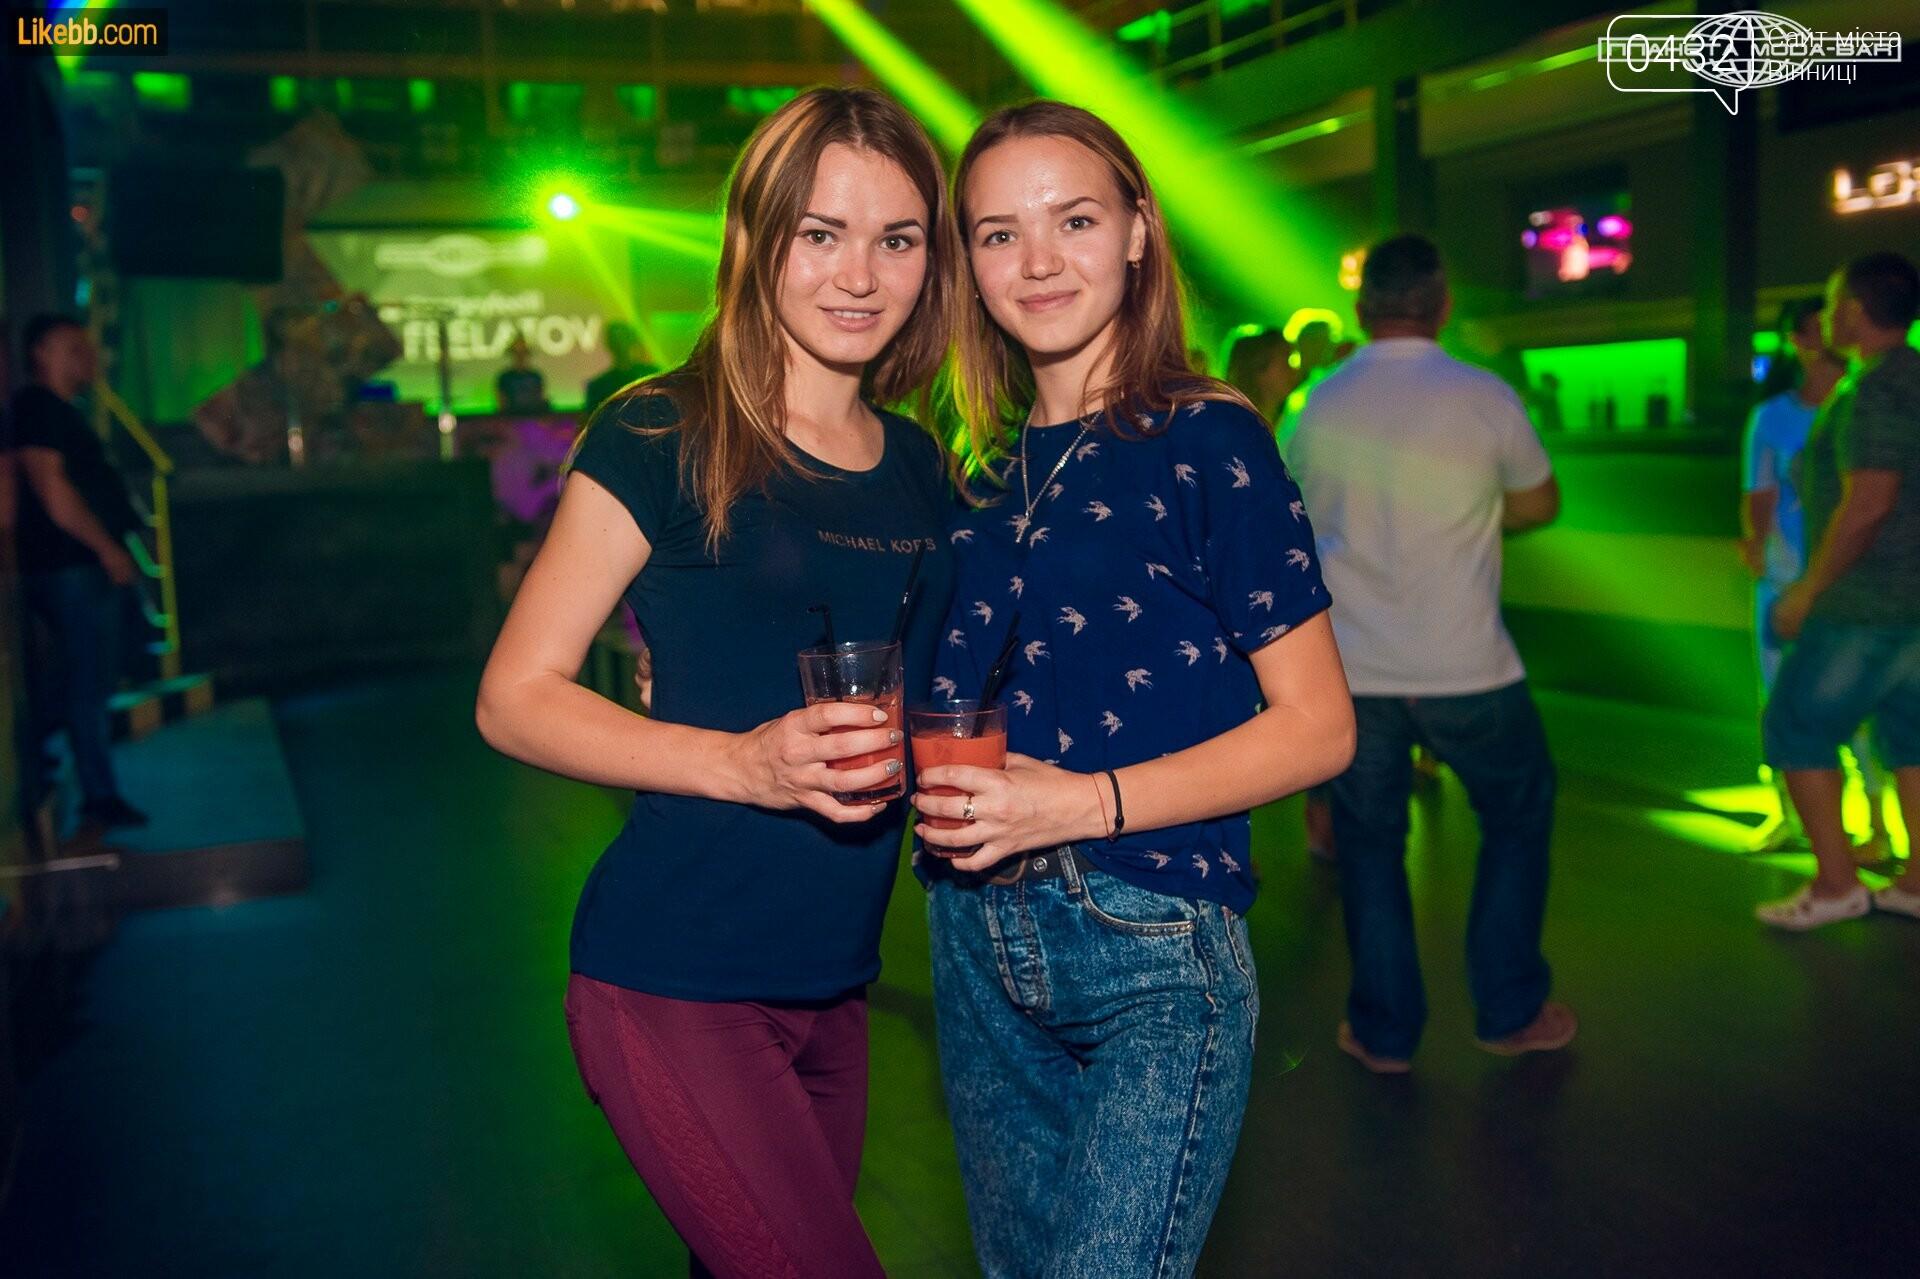 Ночной клуб планета фотоотчеты дорама самая яркая звезда в ночном клубе